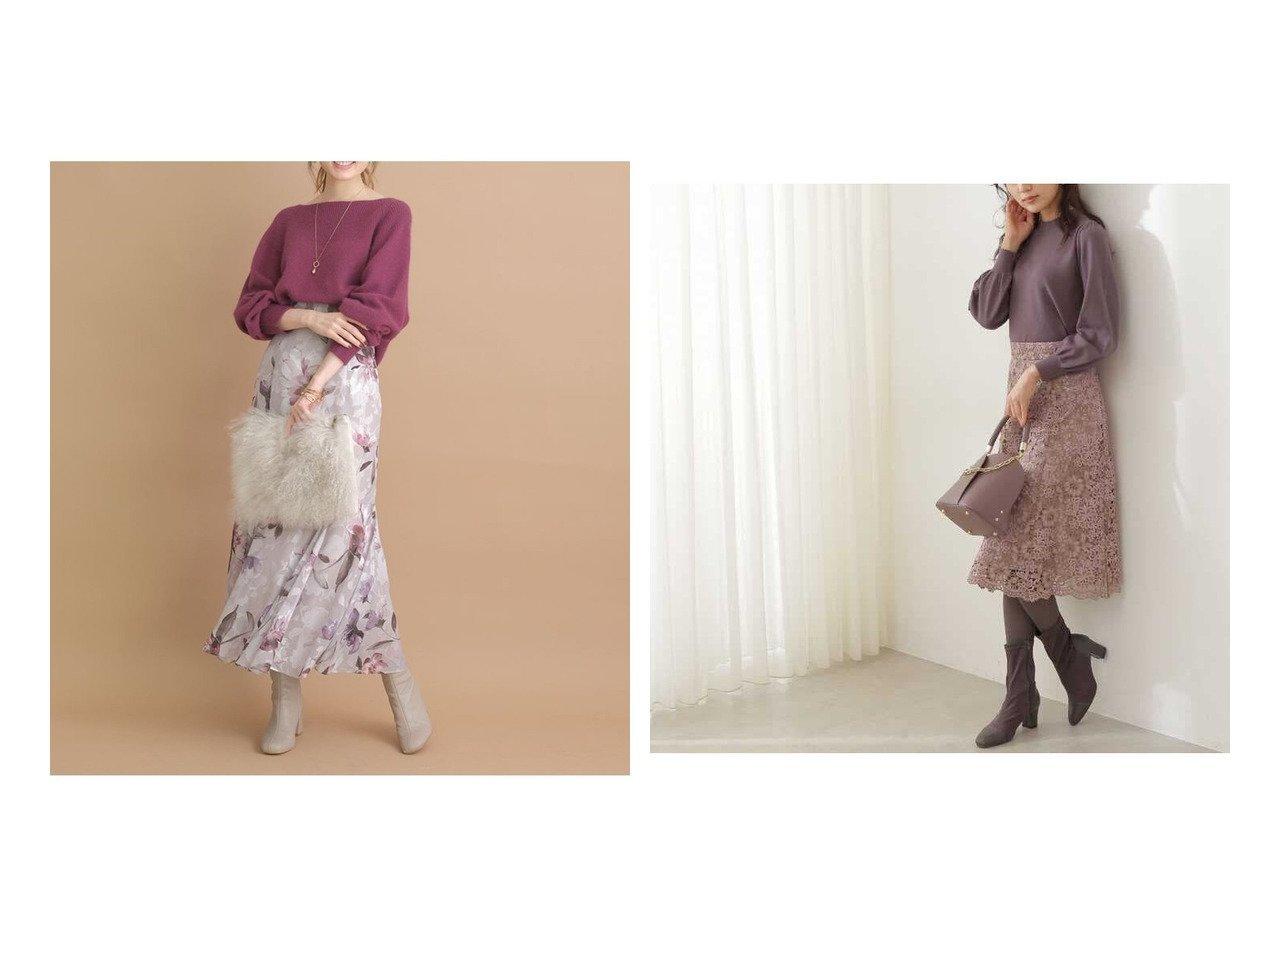 【PROPORTION BODY DRESSING/プロポーション ボディドレッシング】のツートーンケミカルレースフレアスカート&【Apuweiser-riche/アプワイザーリッシェ】のマーメイドプリントスカート 【スカート】おすすめ!人気、トレンド・レディースファッションの通販 おすすめで人気の流行・トレンド、ファッションの通販商品 インテリア・家具・メンズファッション・キッズファッション・レディースファッション・服の通販 founy(ファニー) https://founy.com/ ファッション Fashion レディースファッション WOMEN スカート Skirt Aライン/フレアスカート Flared A-Line Skirts ショート フェミニン フレア ワーク 秋 Autumn/Fall エレガント フラワー プリント |ID:crp329100000072556